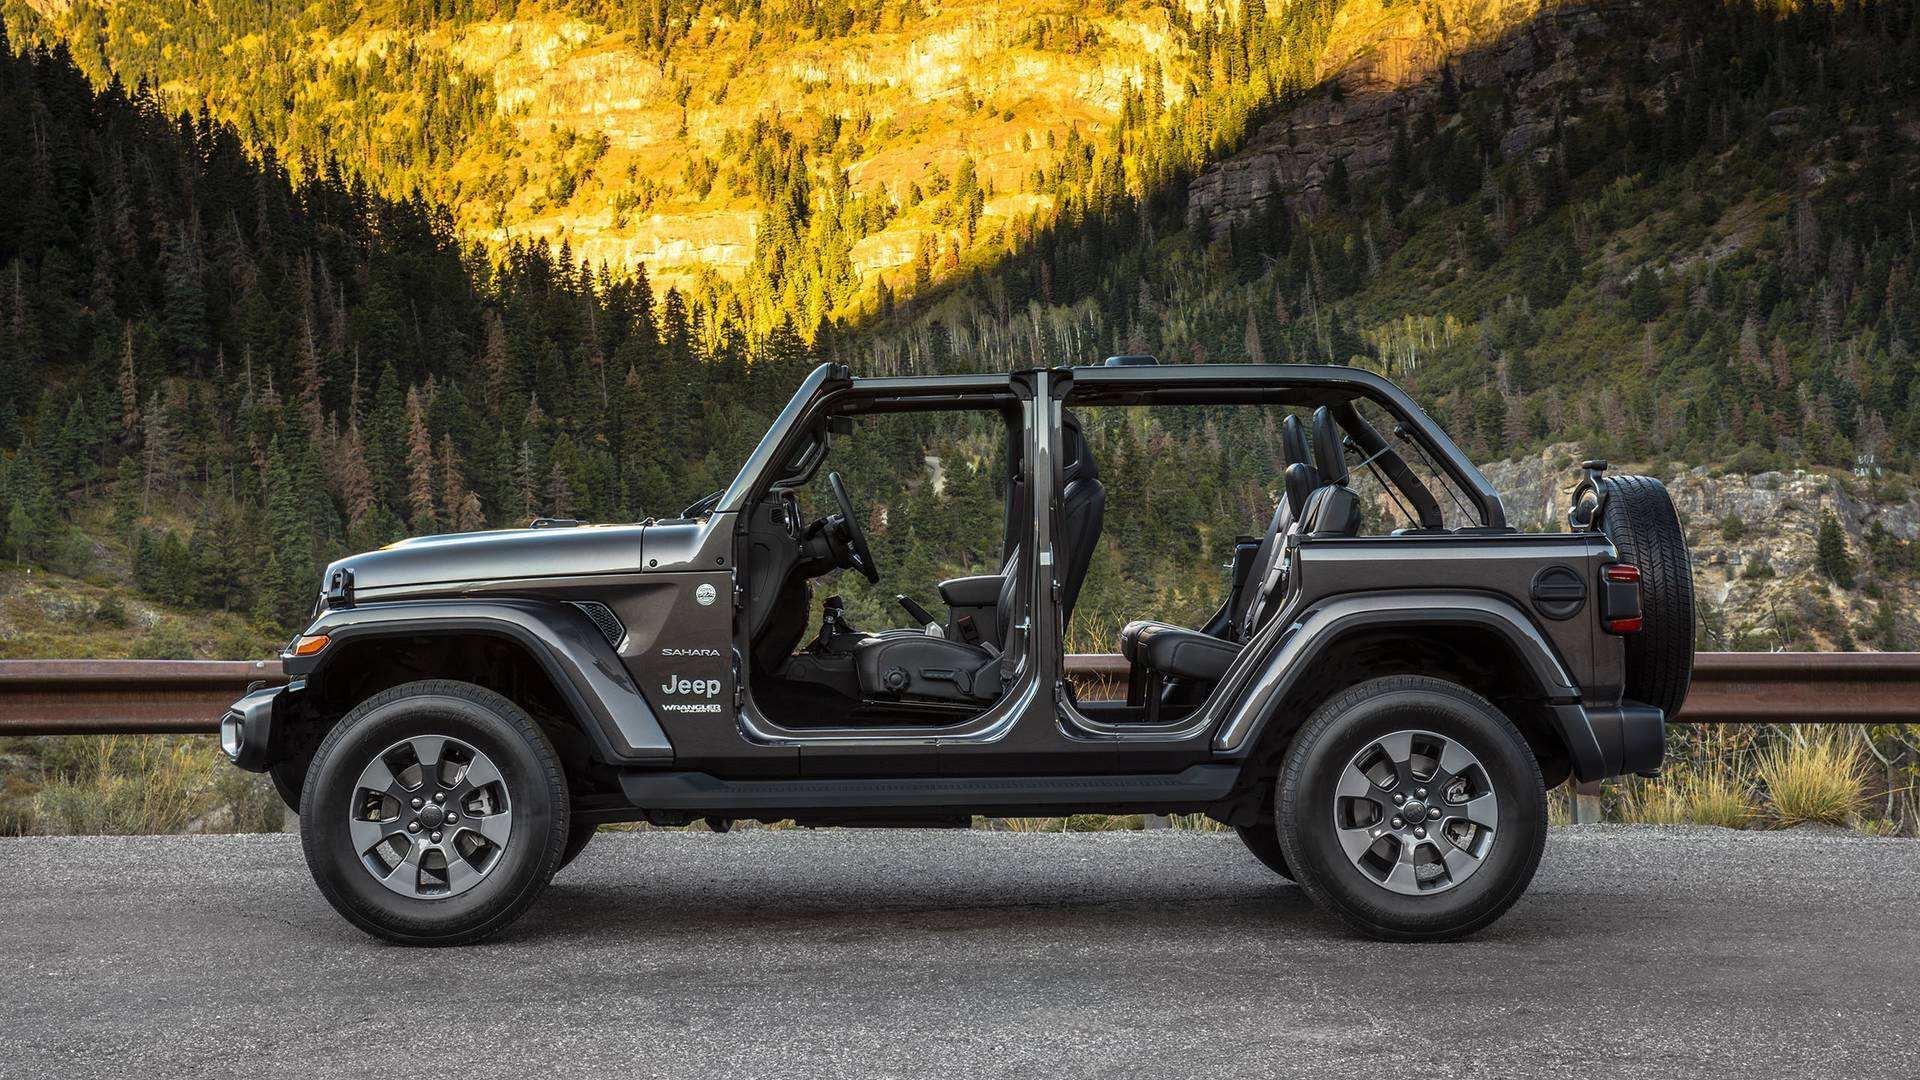 29 Concept of 2019 Jeep 3 0 Diesel Reviews by 2019 Jeep 3 0 Diesel